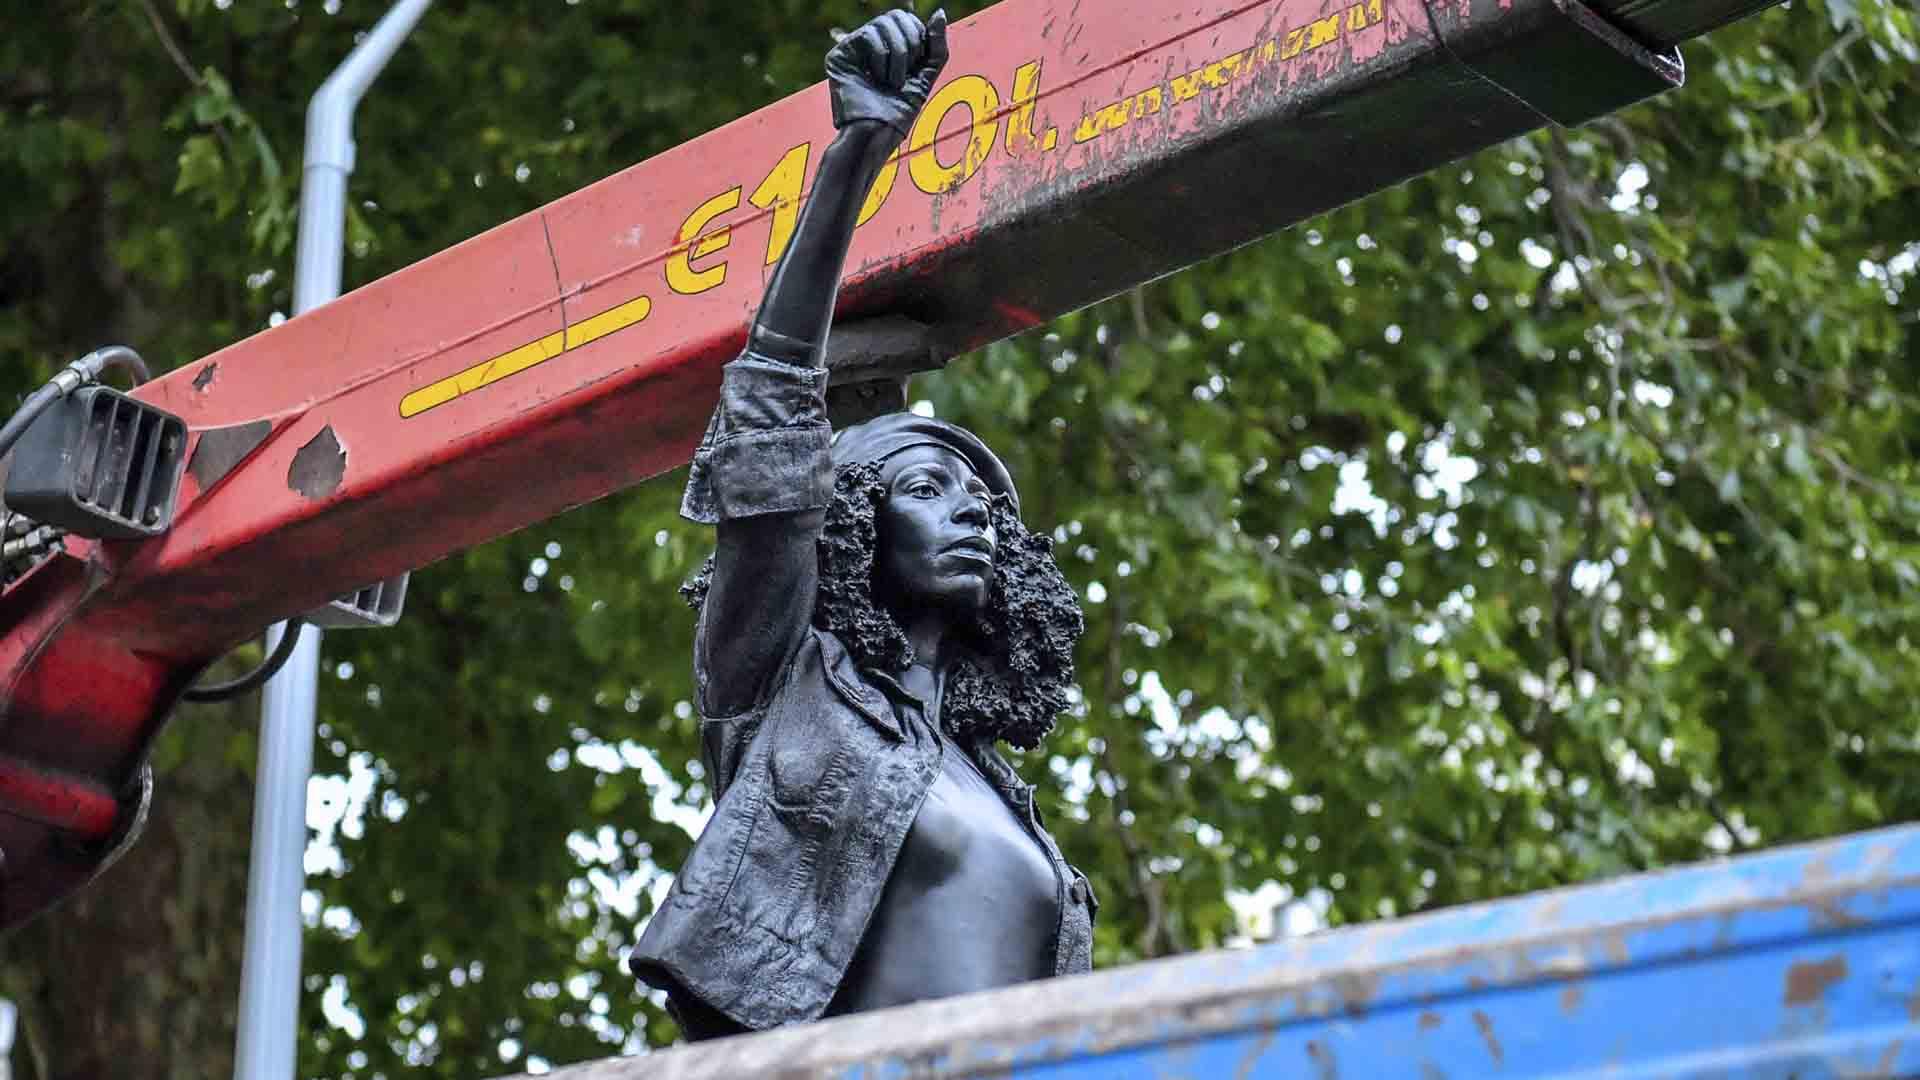 La statua del Black Lives Matter a Bristol è stata rimossa